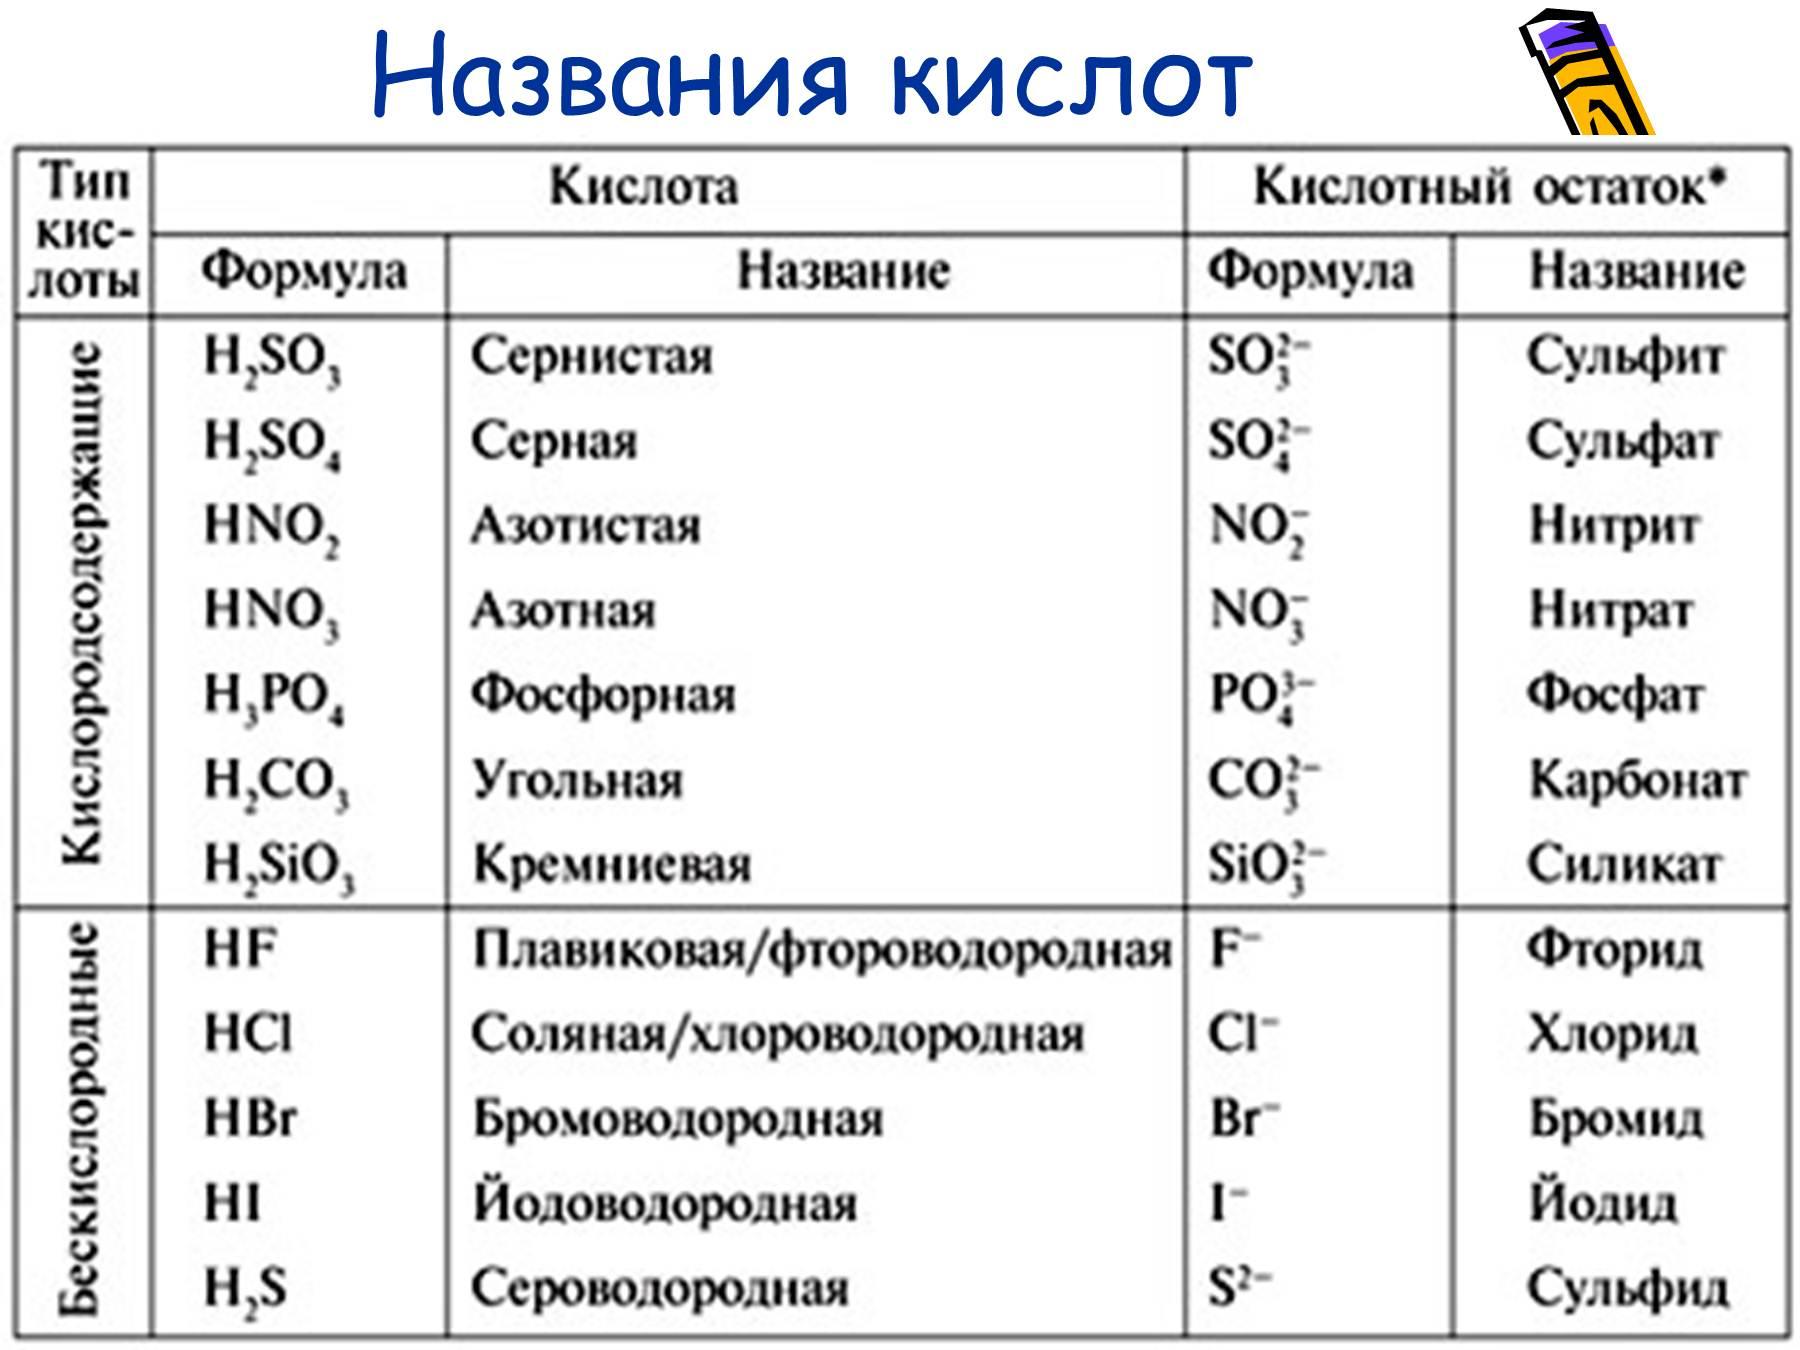 Анализ катионов по кислотно основной схеме